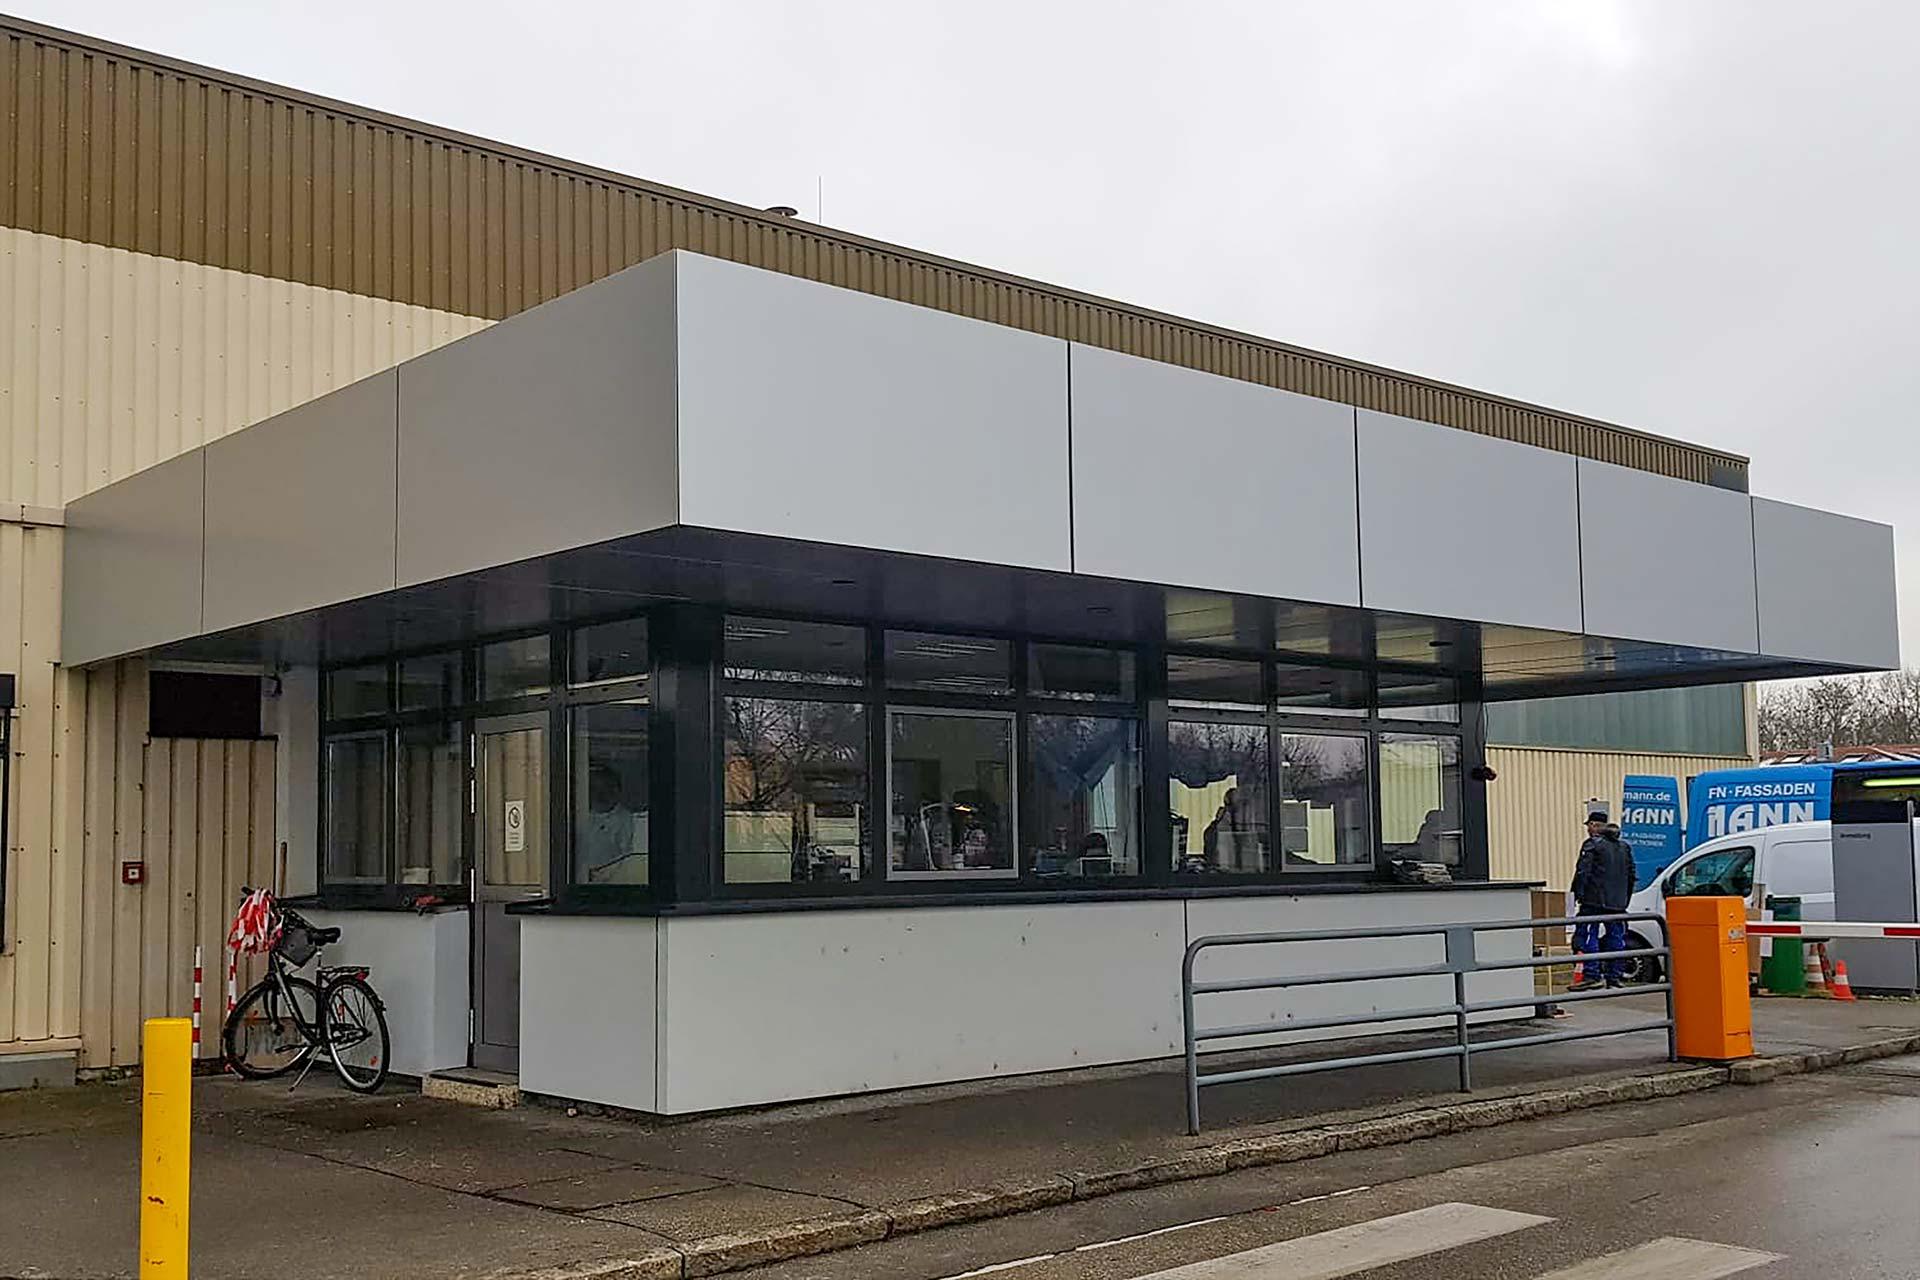 Projekte: MAN Truck & Bus SE München (2020) - Wechseln der Fenster- und Türfassade